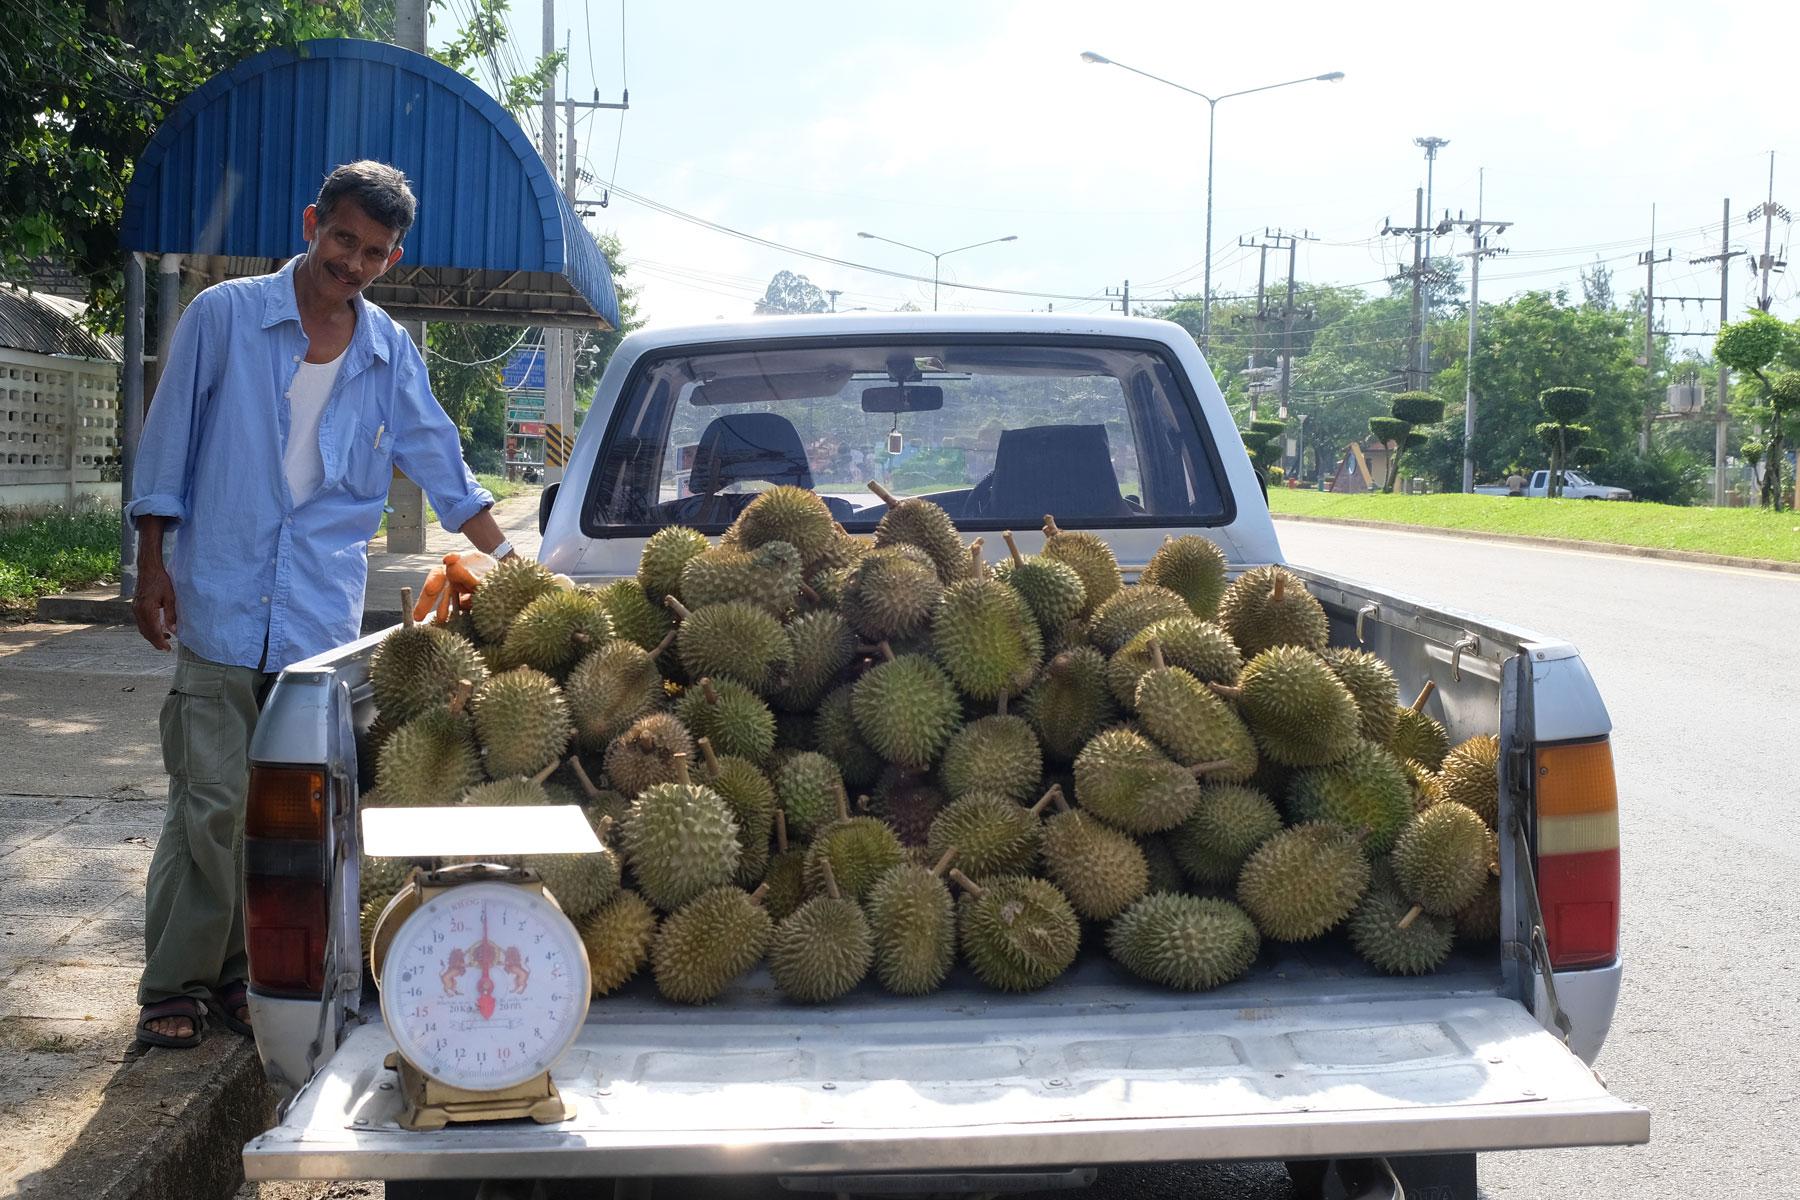 Ein Mann verkauft Durian von der Ladefläche seines Autos.